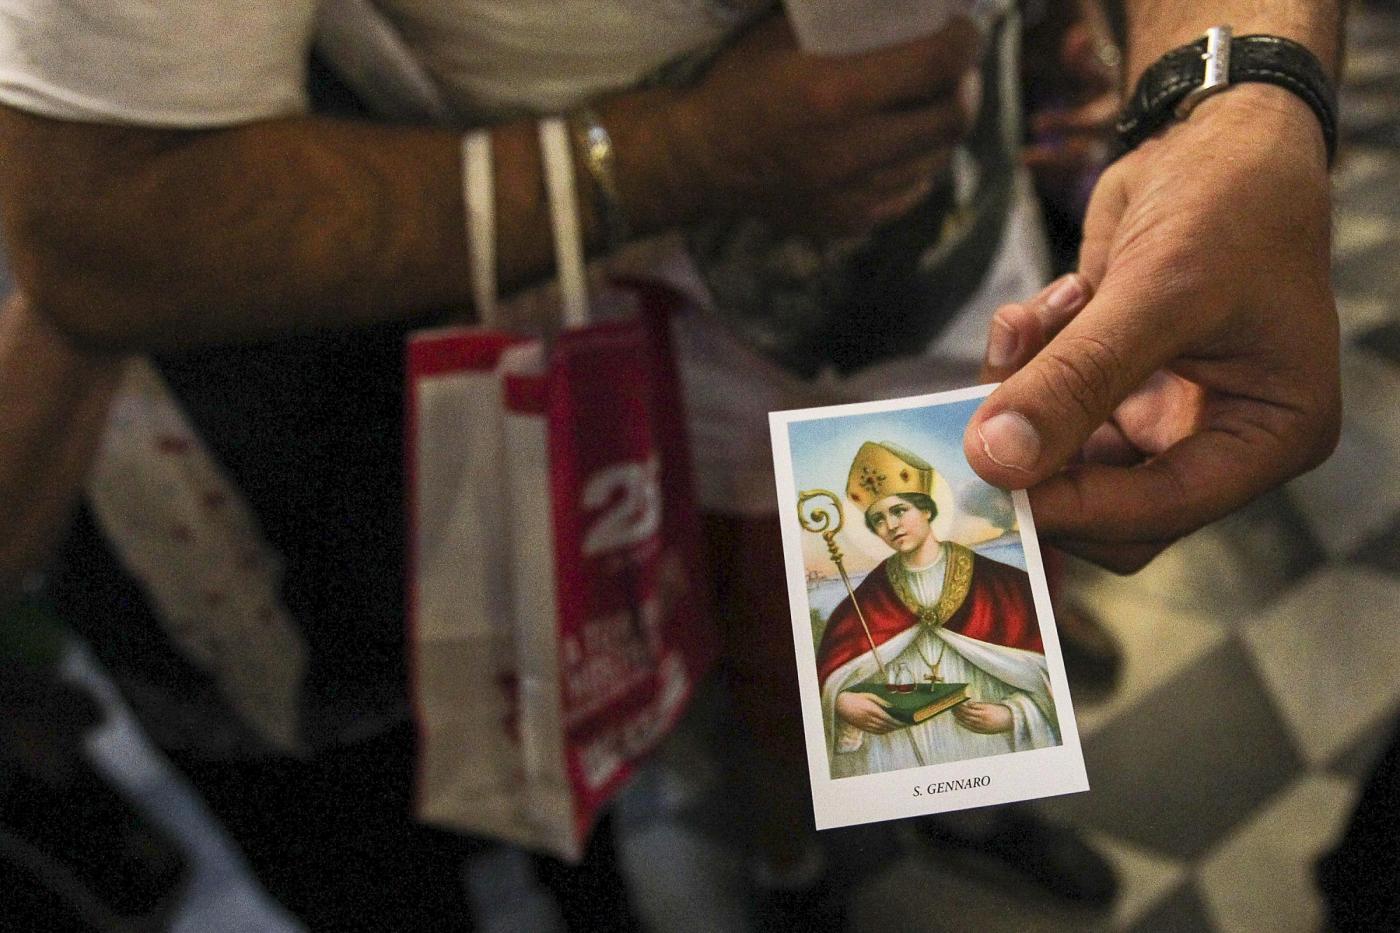 San Gennaro, 5 cose che non sai del patrono di Napoli